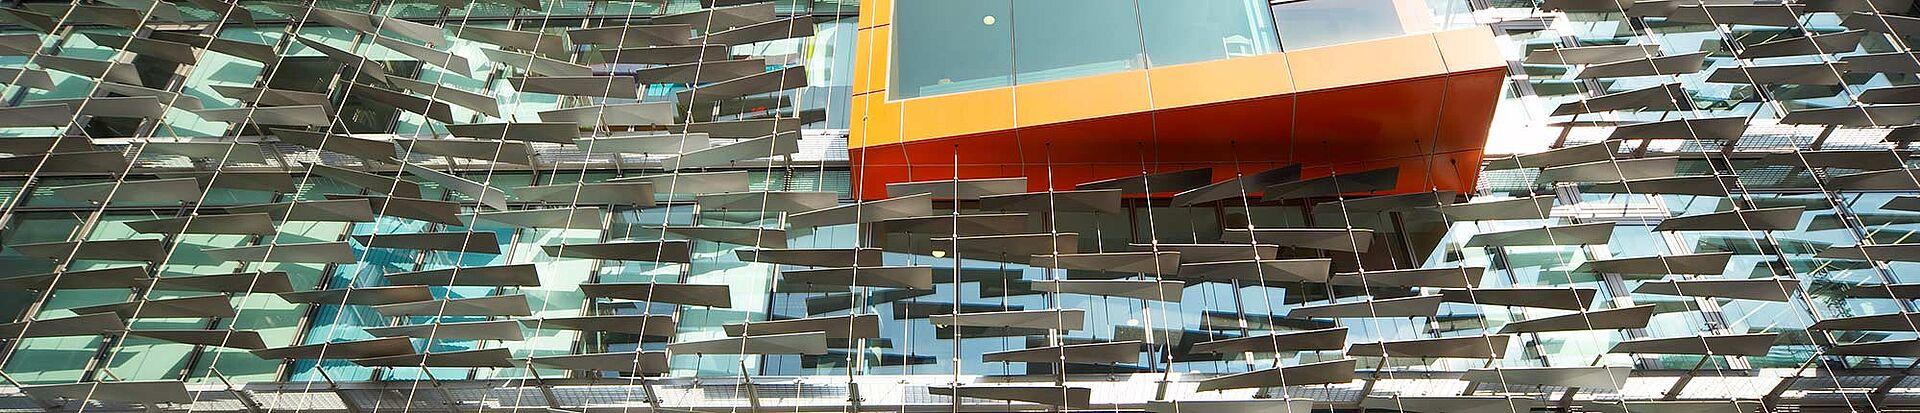 illuminierte Fassade I-SYS Edelstahl-Seilsystem